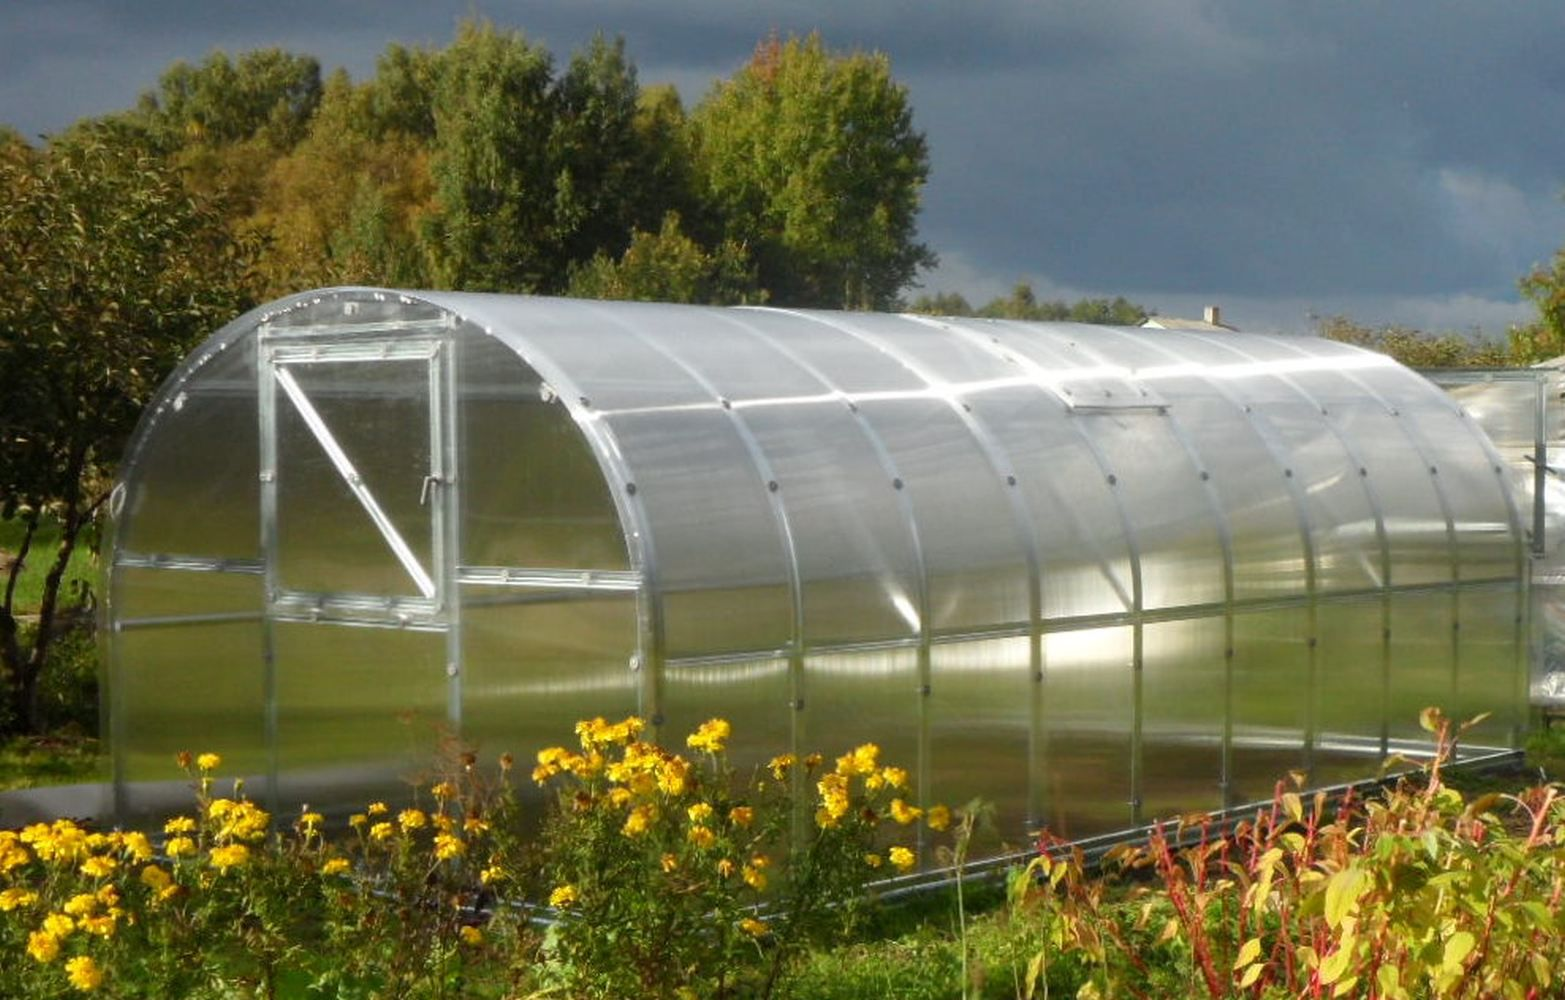 Gewächshaus 04 HKP 4 mm, Grundfläche 24 m²- Abmessungen: 800 x 300 cm (L x B)